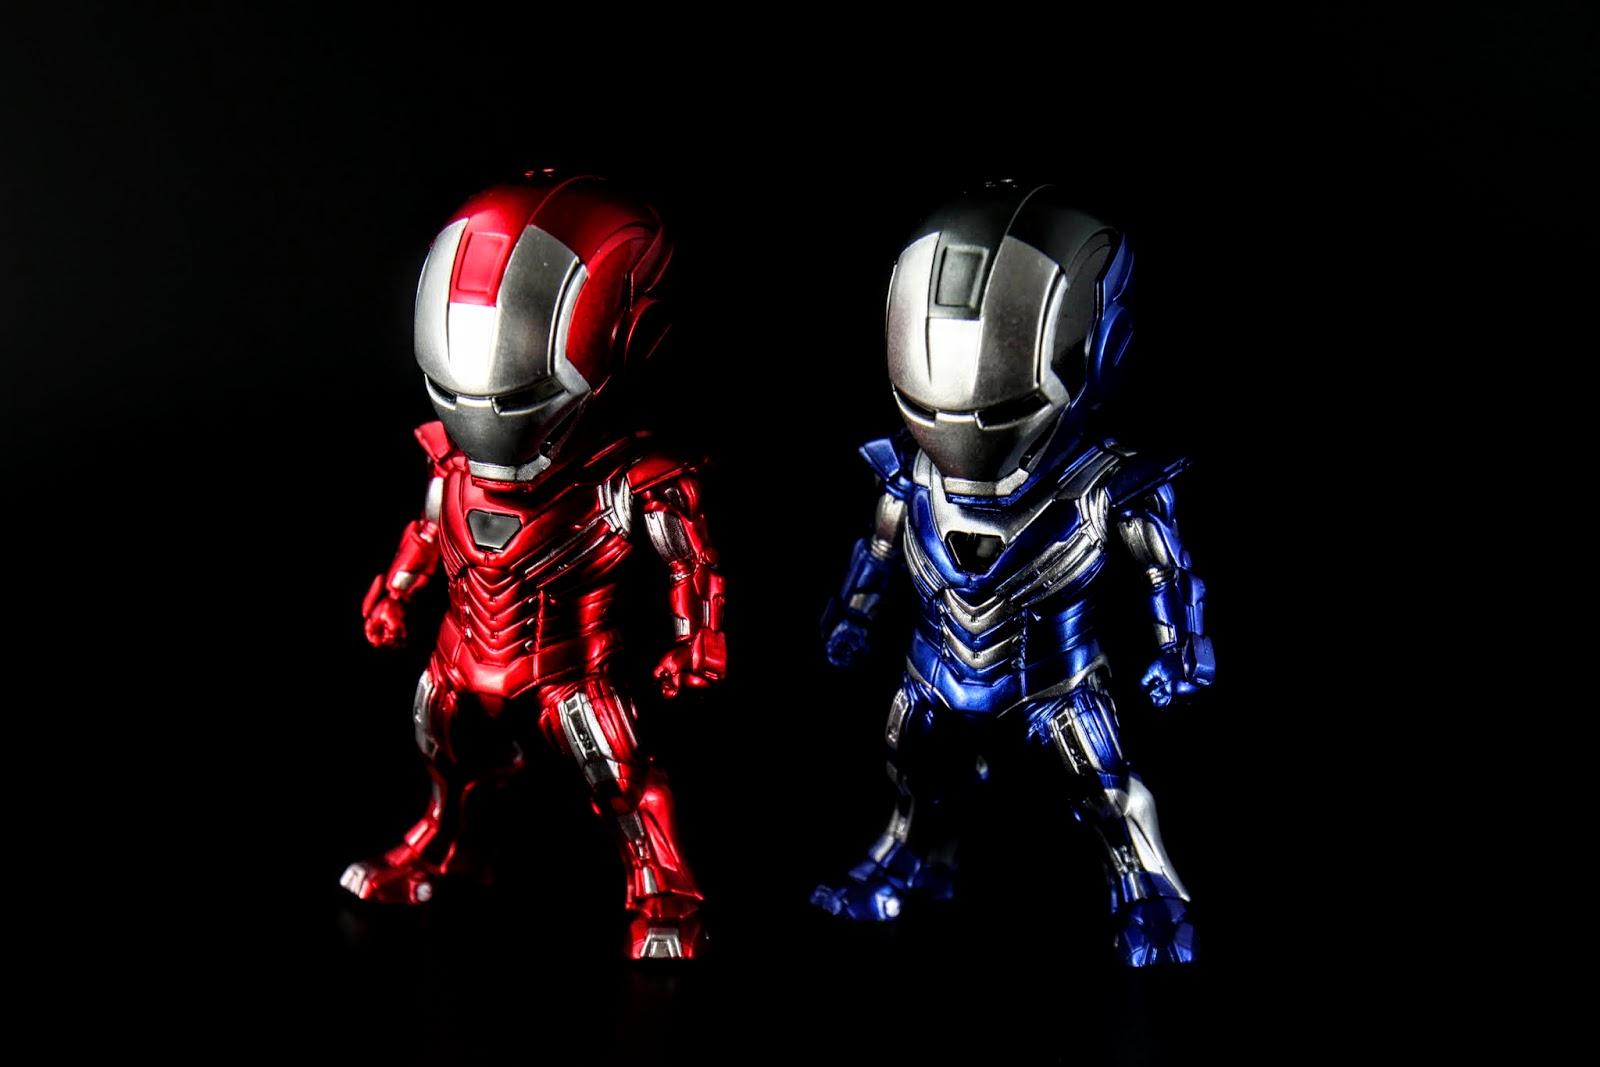 MK30 & MK33